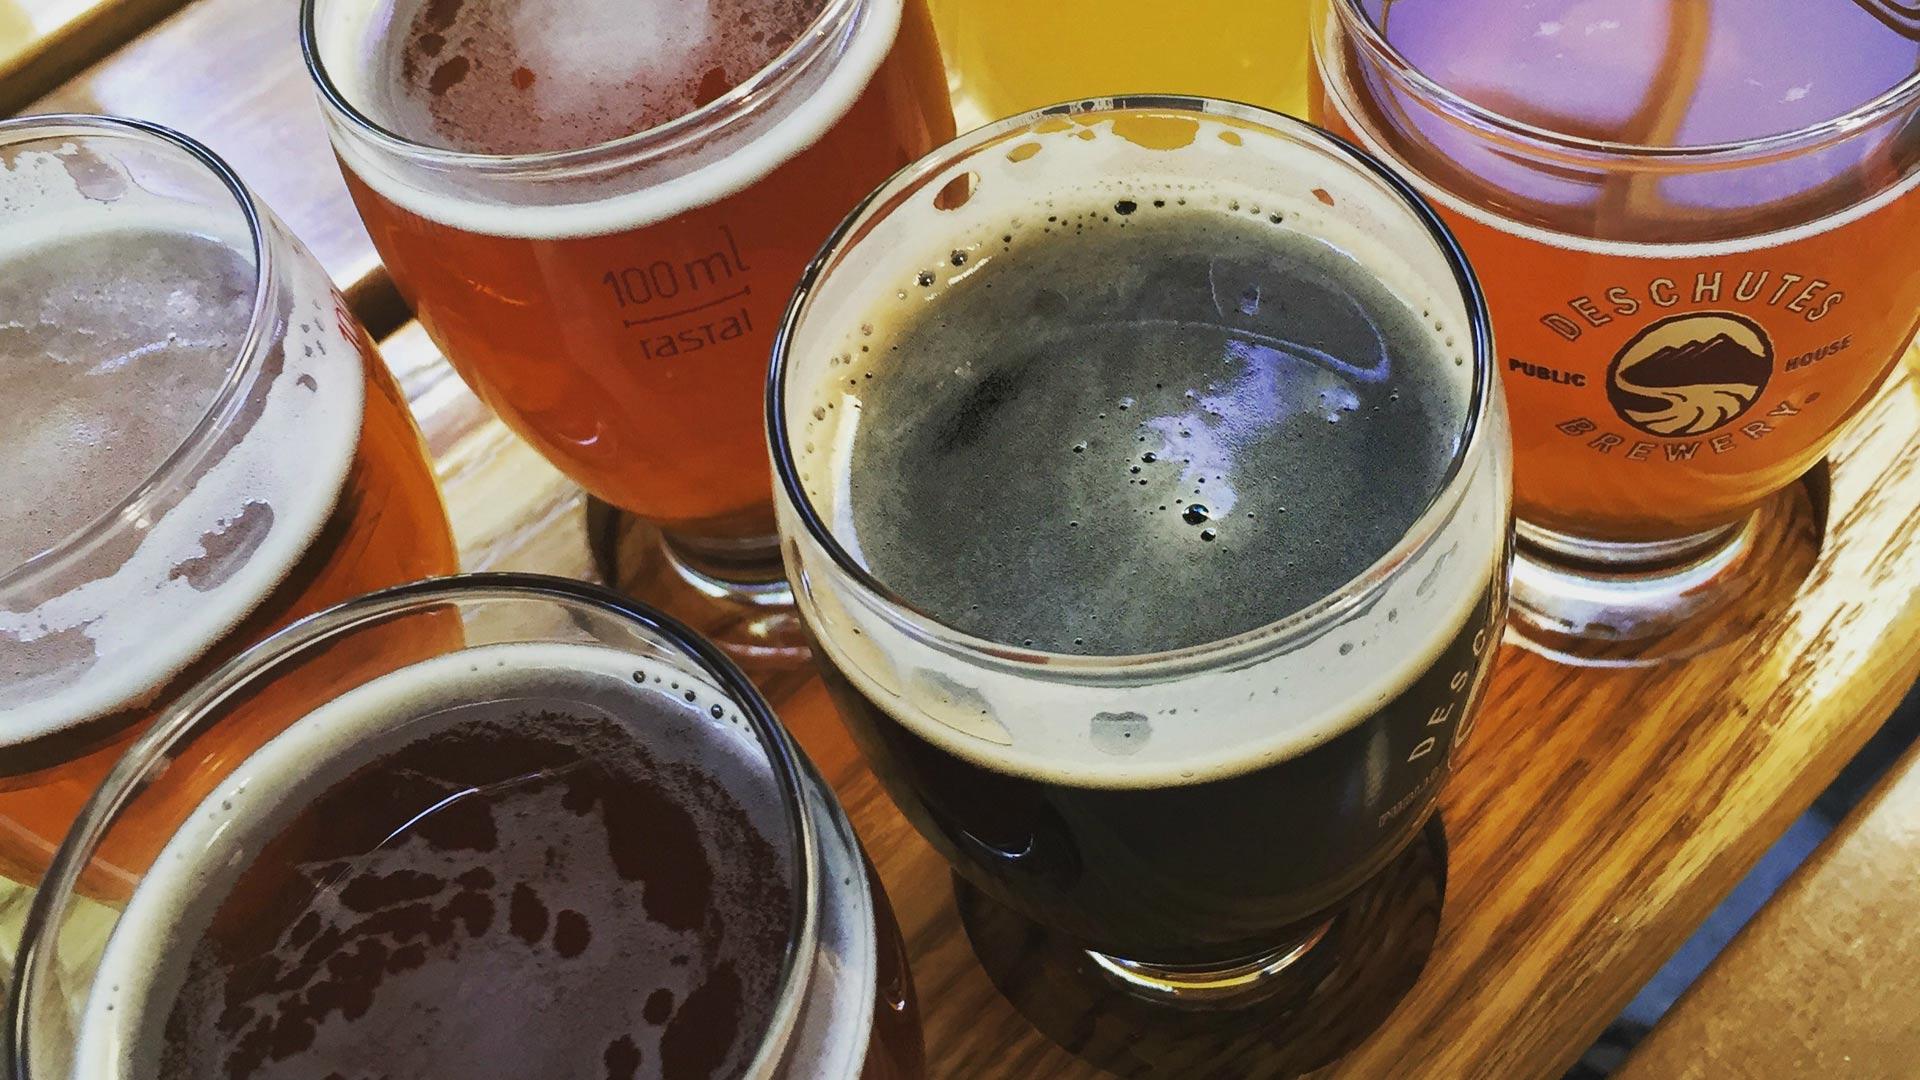 Deschutes Brewery se identifica por usar energía verde en todos sus procesos de producción